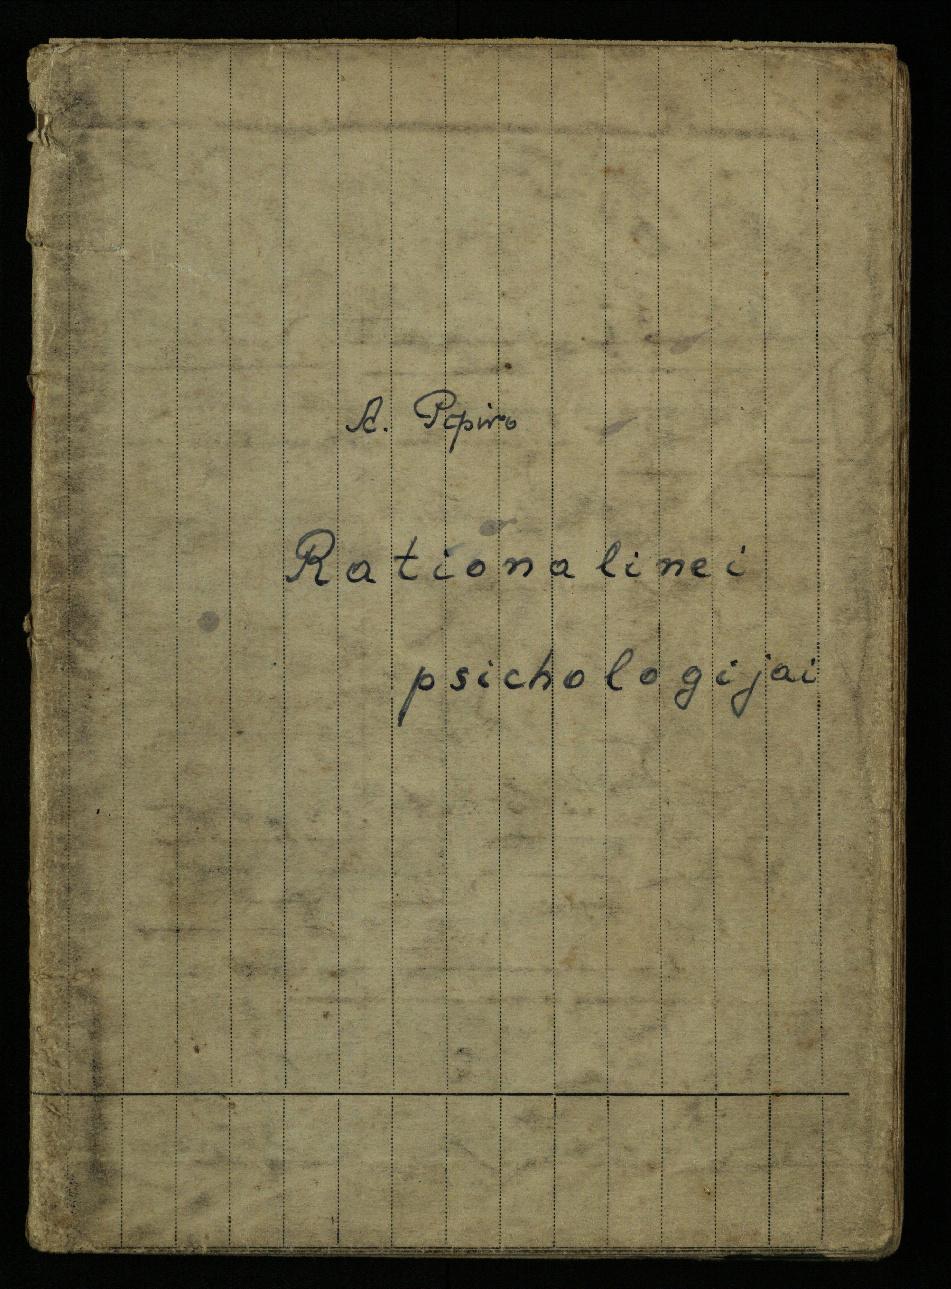 Rationalinė psichologija: [kun. A. Pipiro paskaitų konspektų rankraščio sąsiuvinis] / skaito J. Ragauskas. Kaunas, 1946–1947, 95 p.